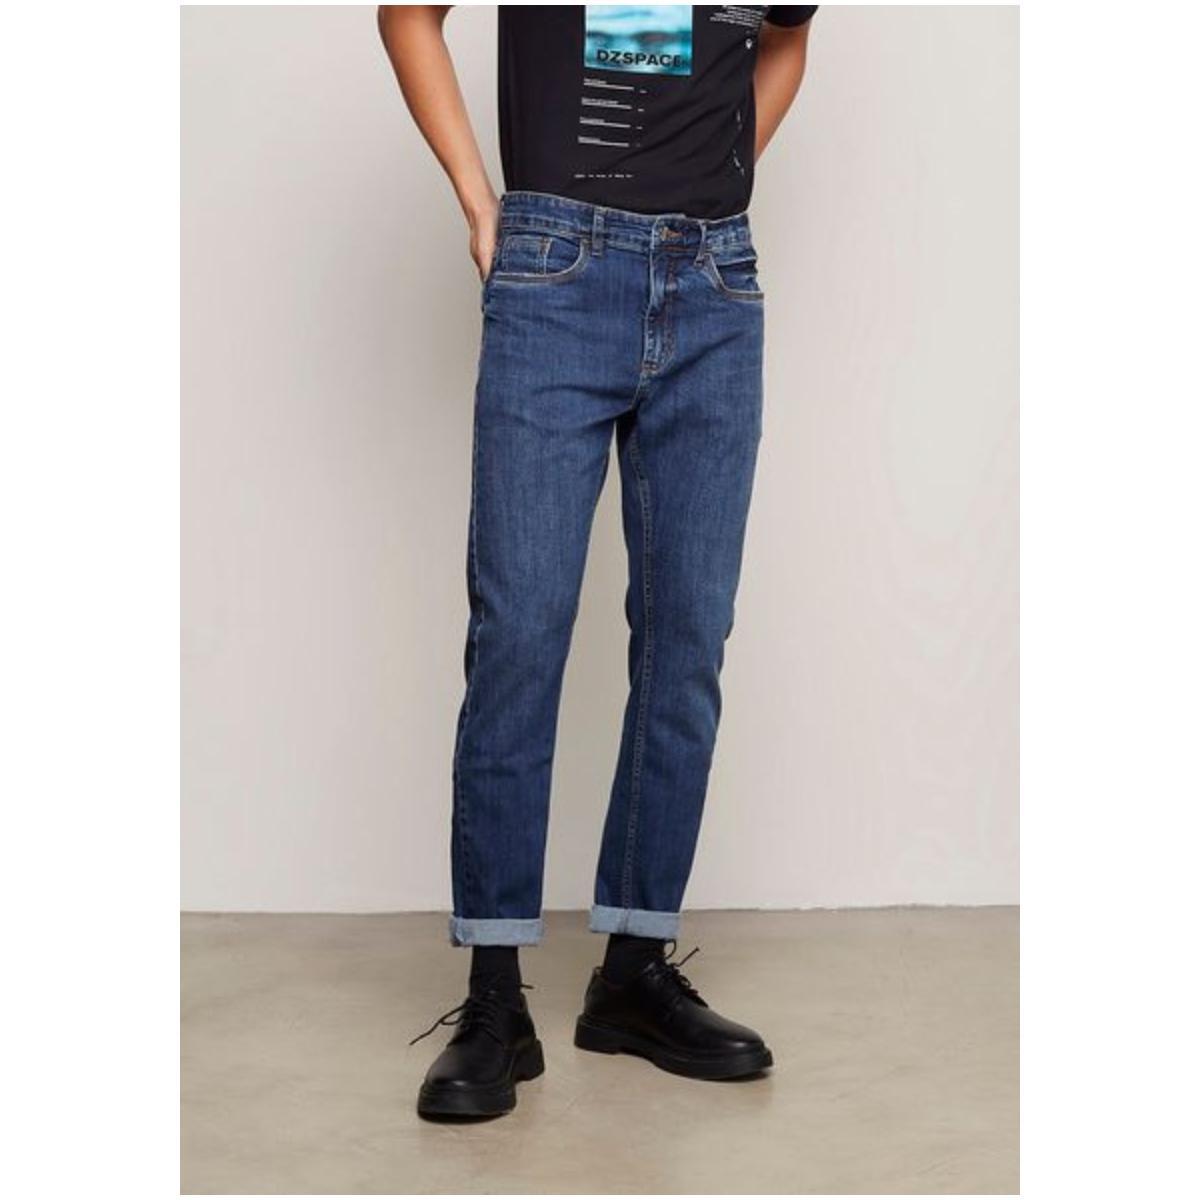 Calça Masculina Dzarm Zuak 1asn  Jeans Escuro